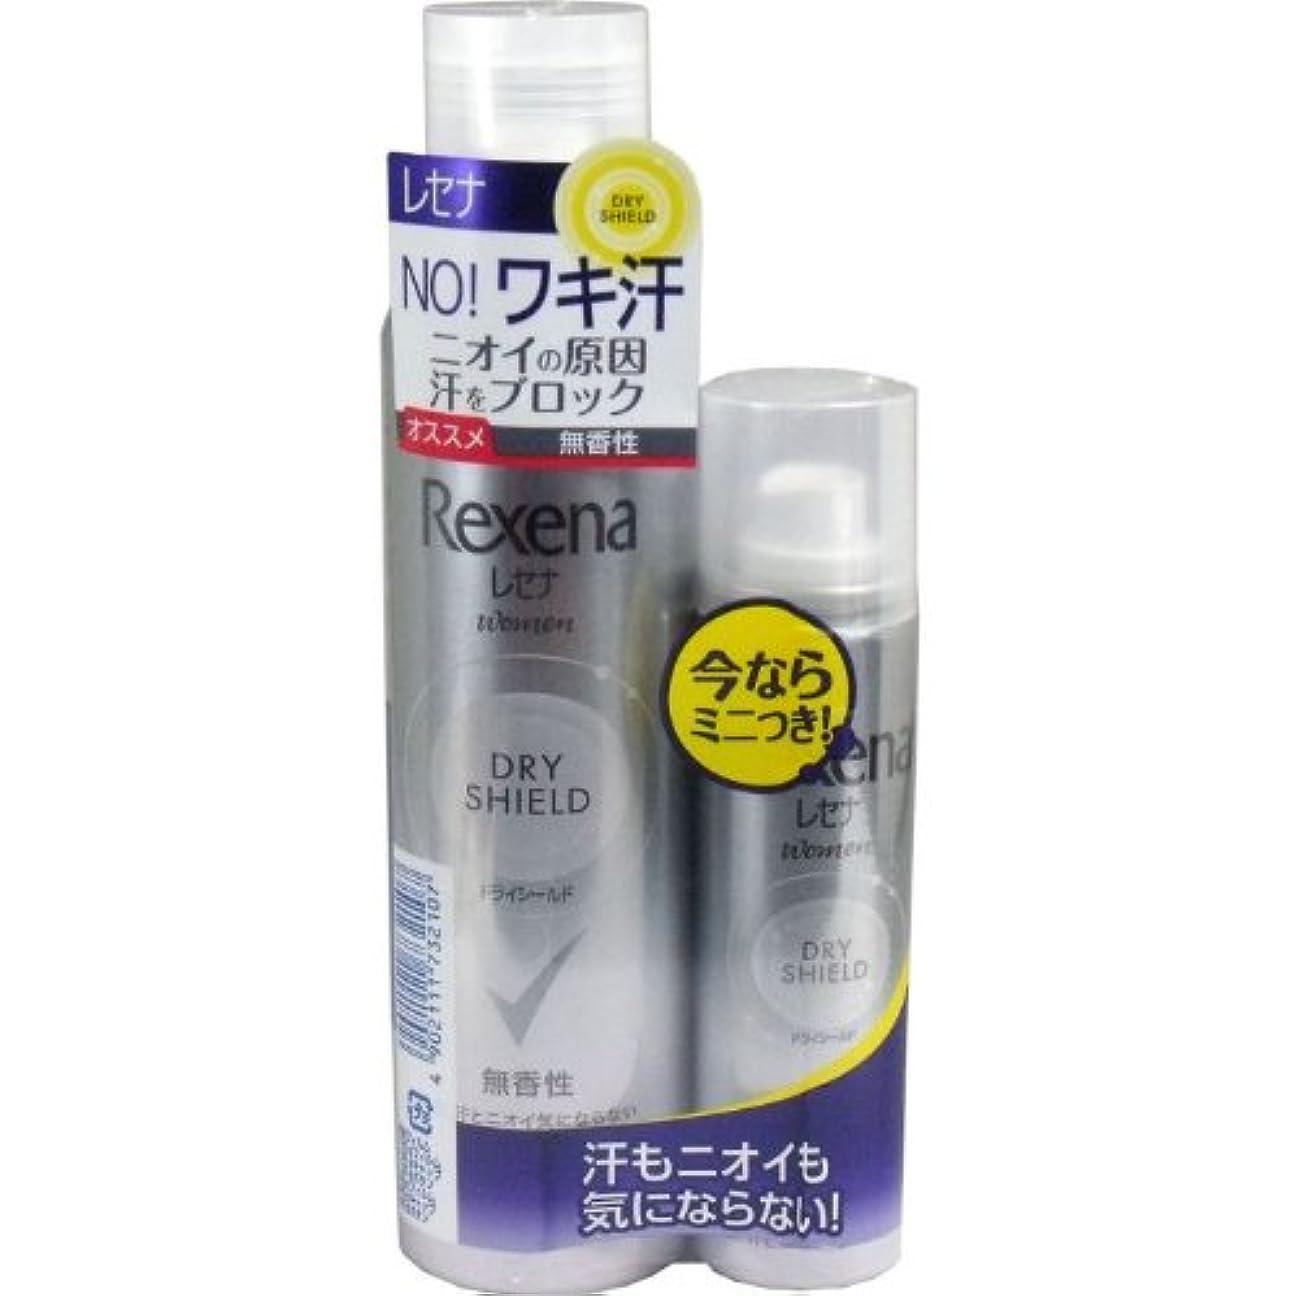 レセナ ドライシールドパウダースプレー 無香性 135g+(おまけ45g付き) 【4個セット】